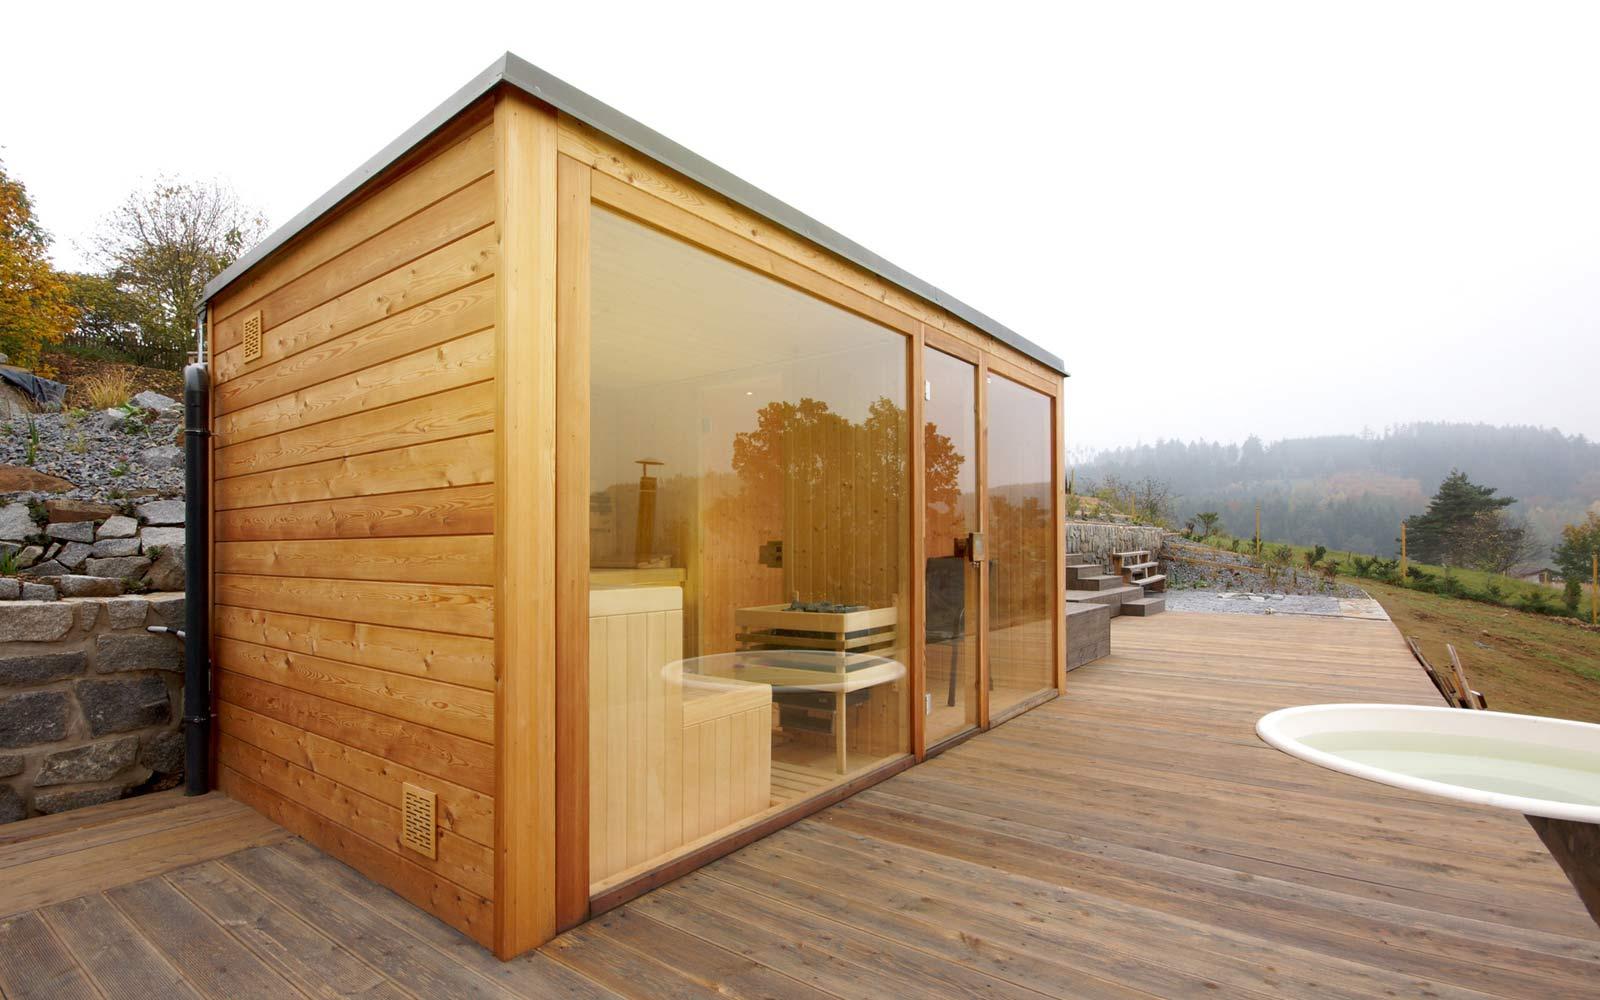 Sklo dává sauně luxusní vzhled a skvělý výhled do okolí